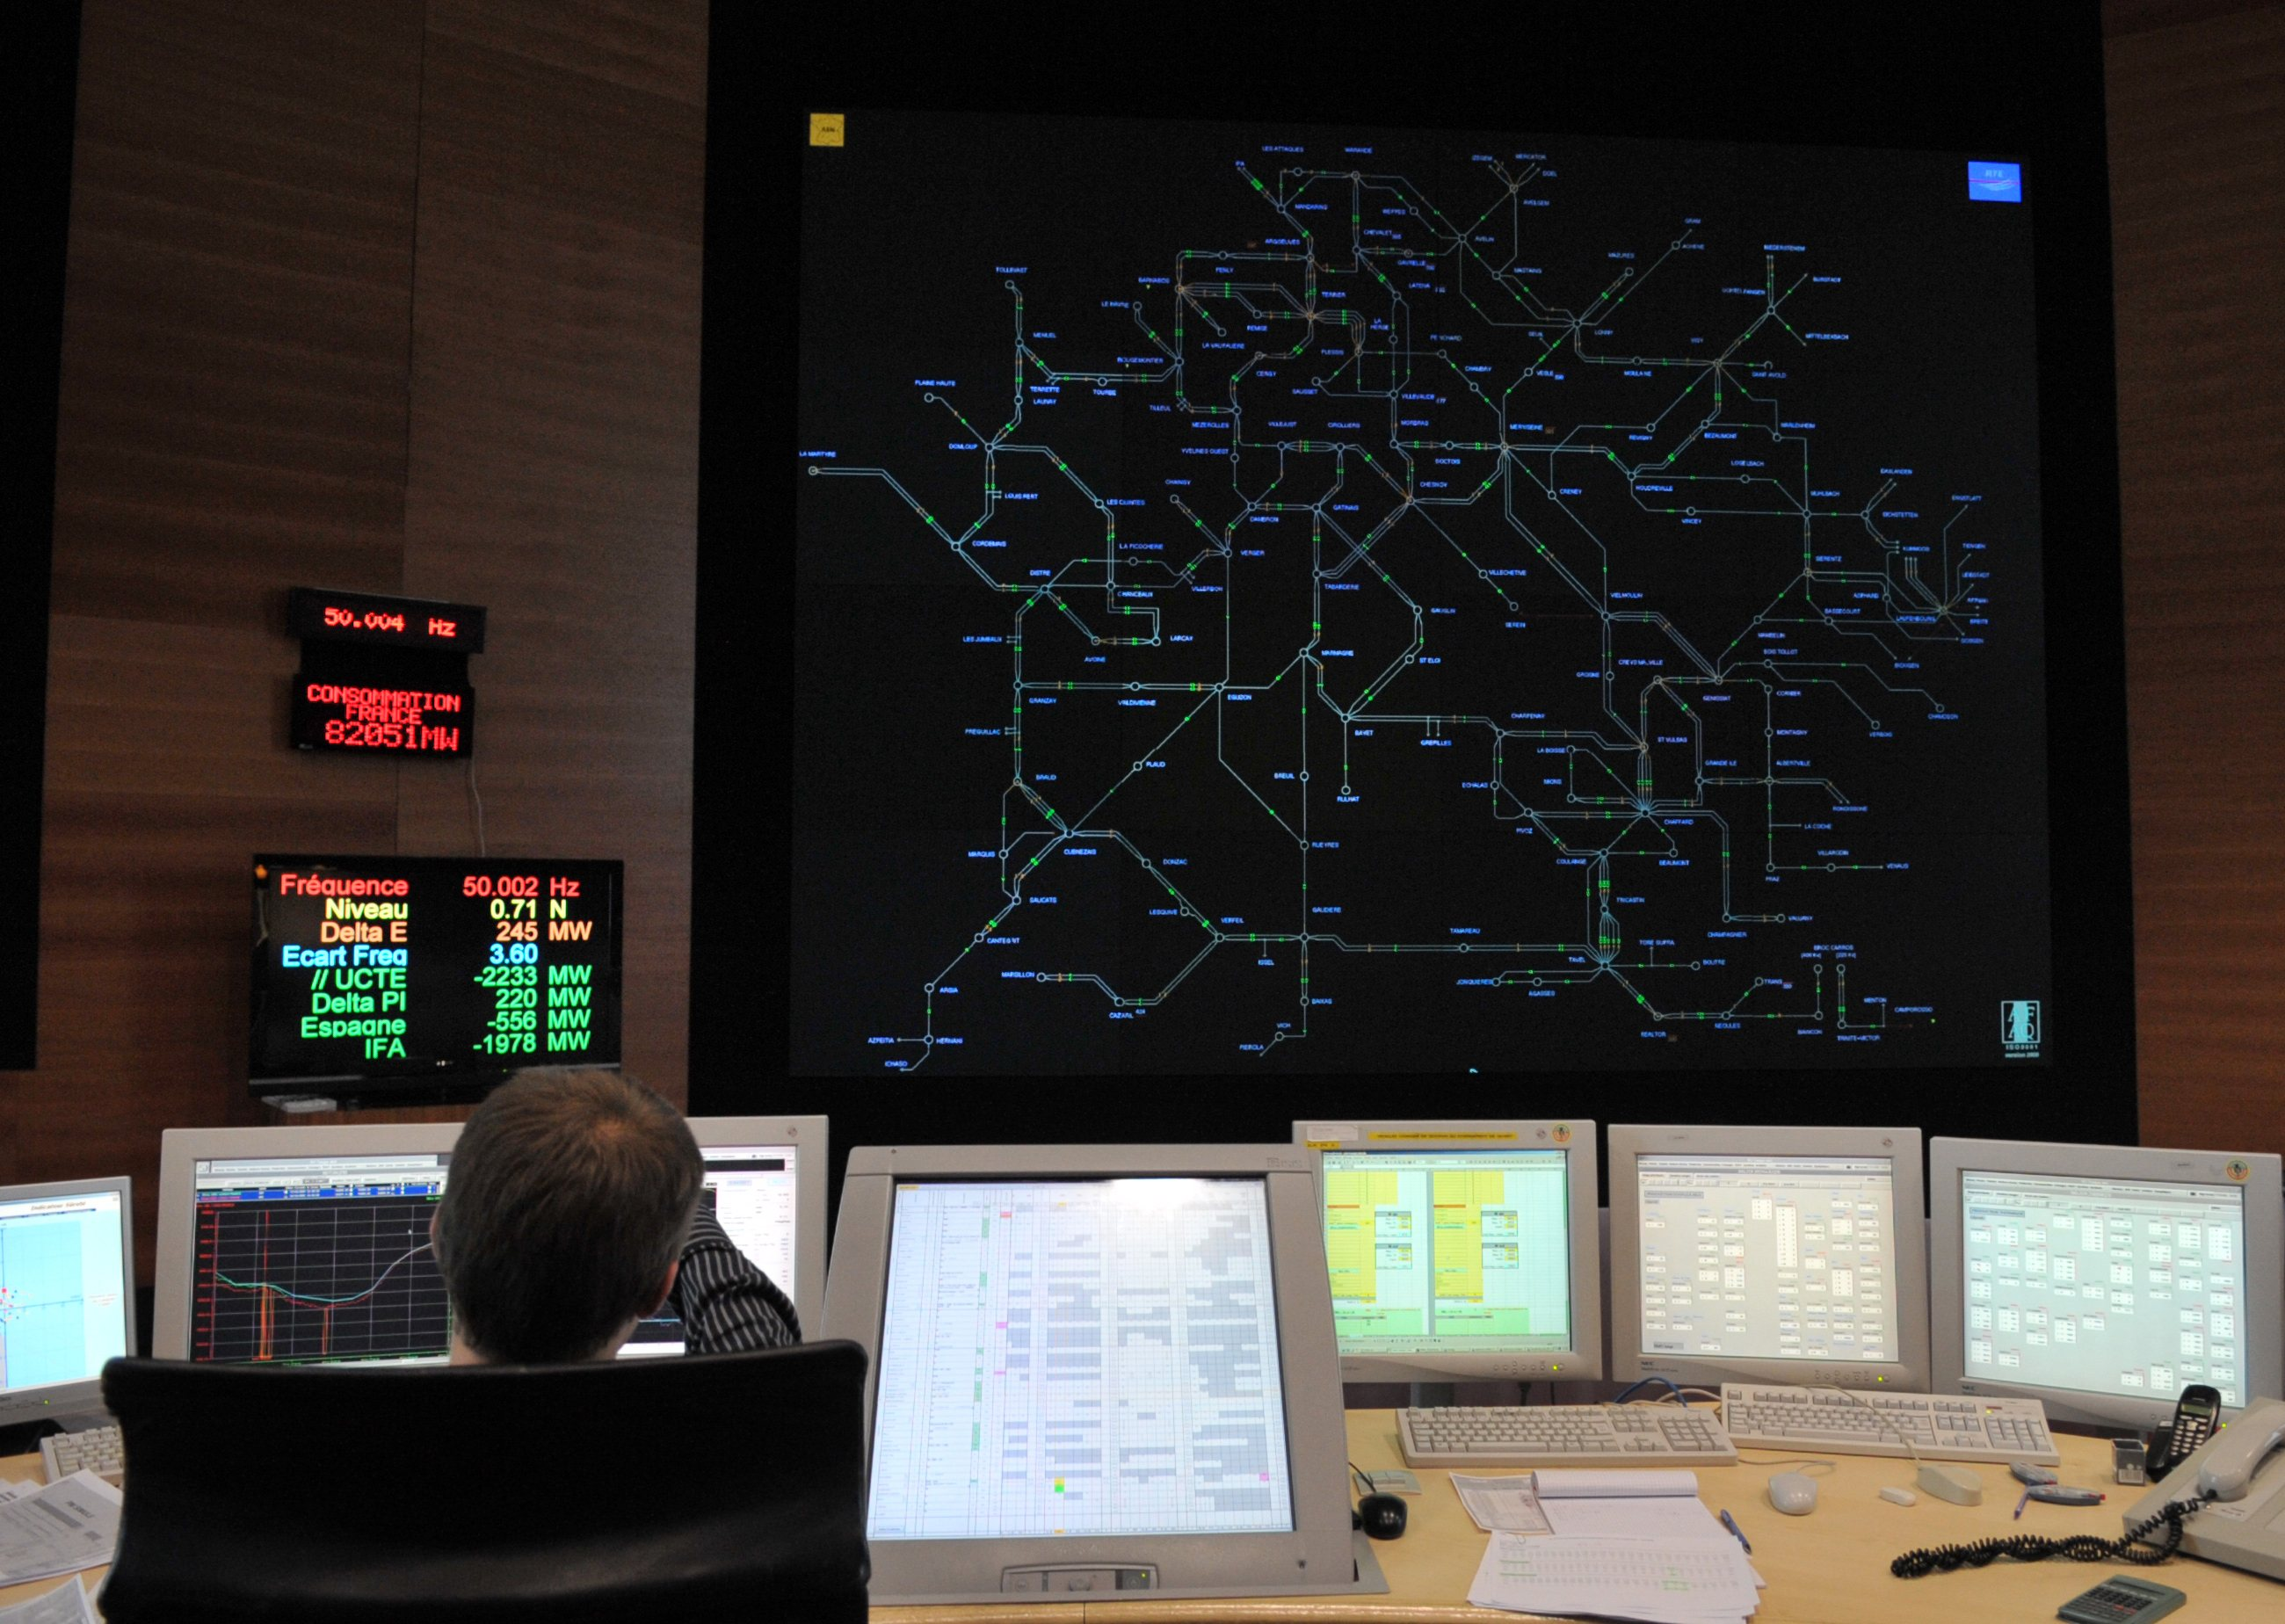 A dispatcher at work